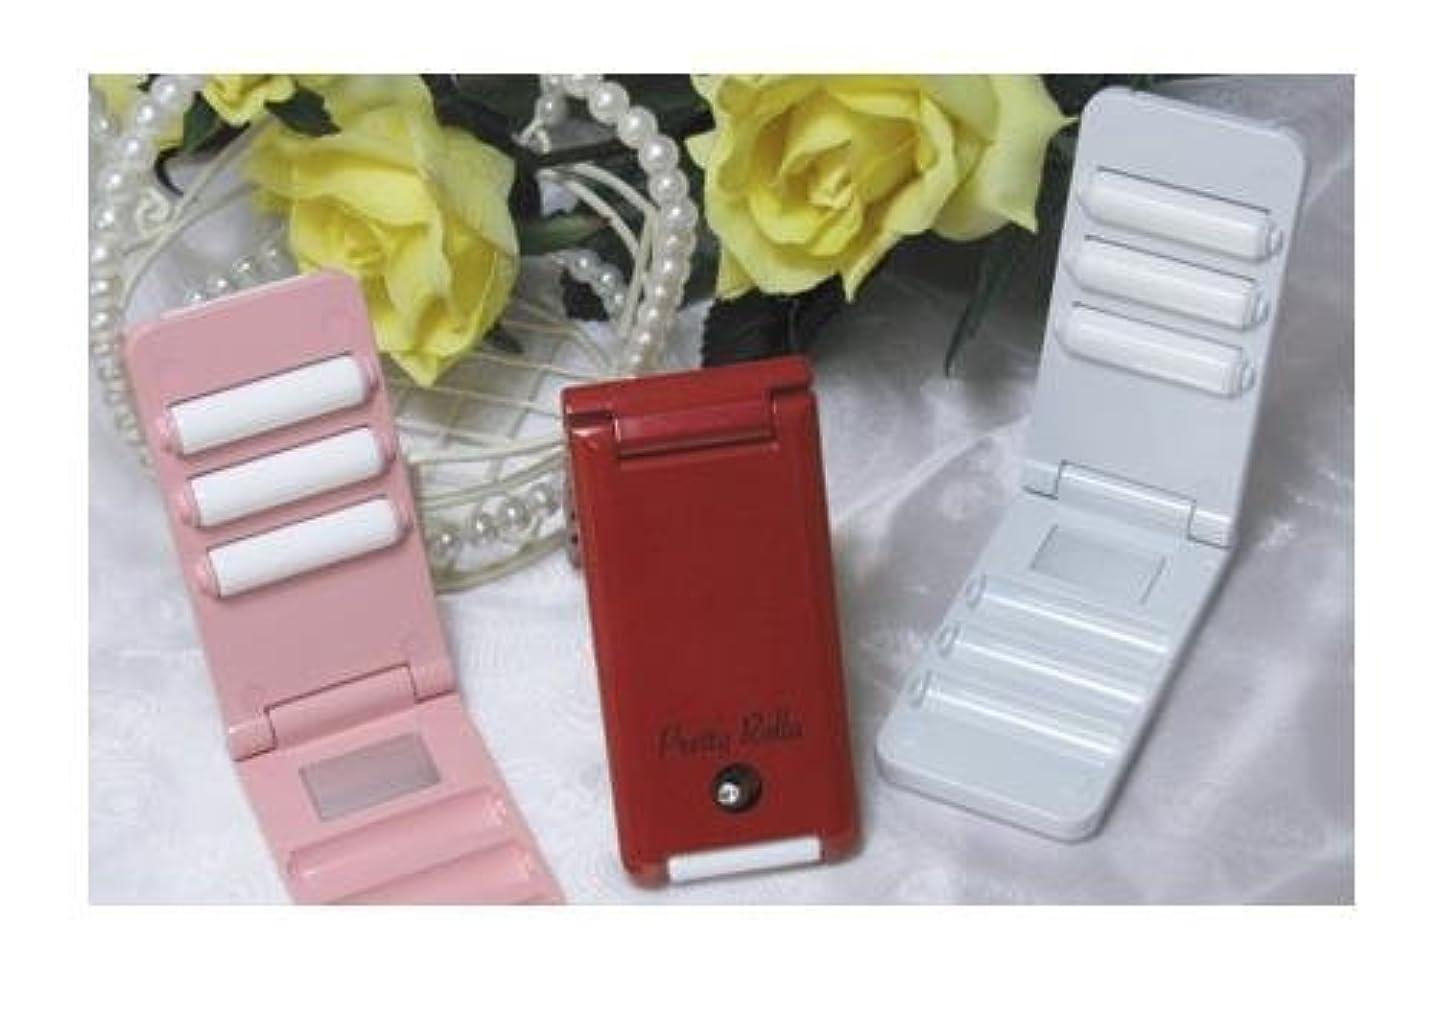 農業惨めな突破口携帯タイプ美容ローラー【Pretty Rolla】 (レッド)